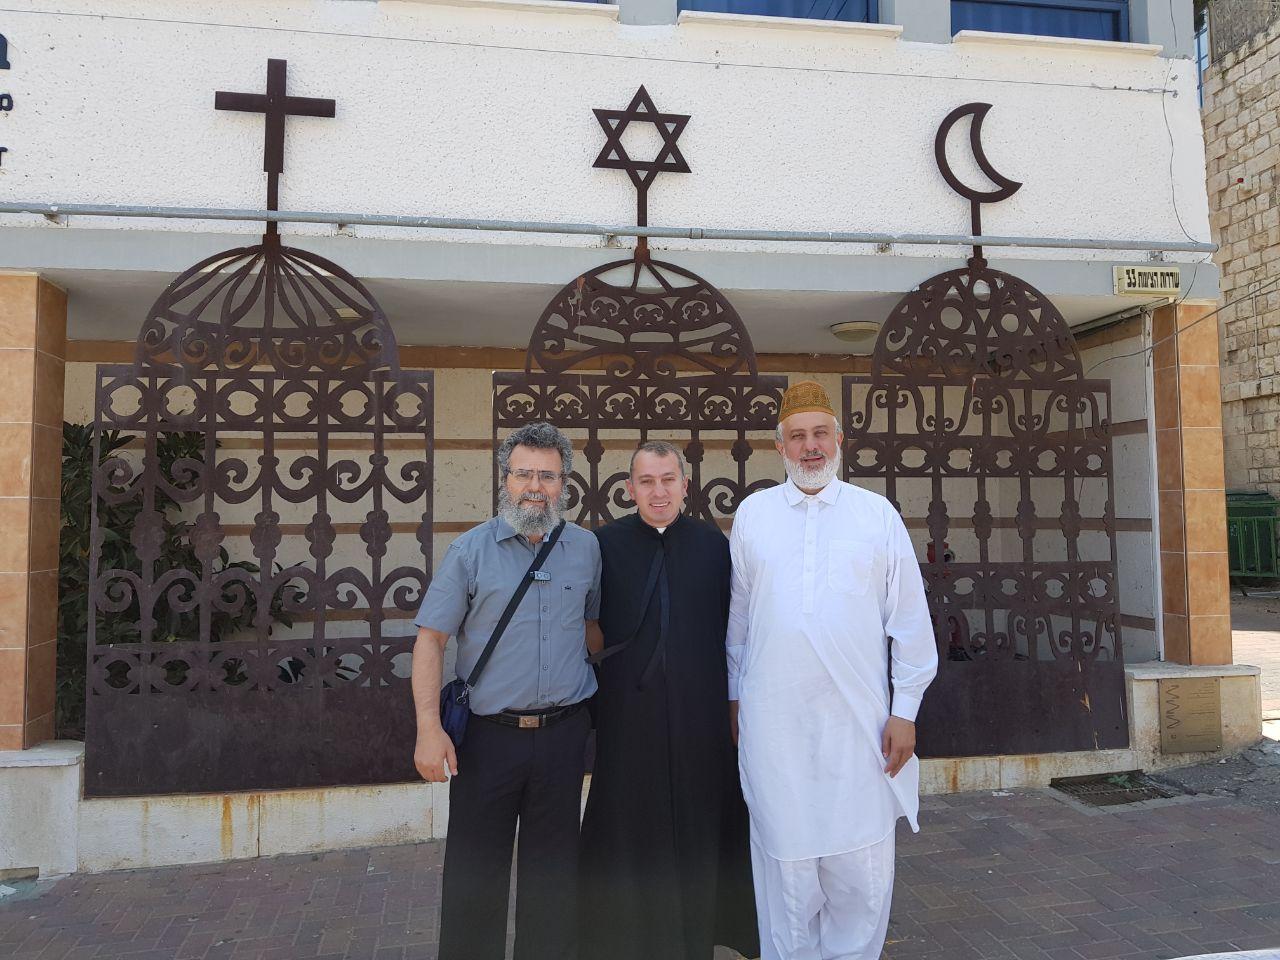 הרב דובי חיון, האמיר מוחמד שריף והכומר יוסף יעקב